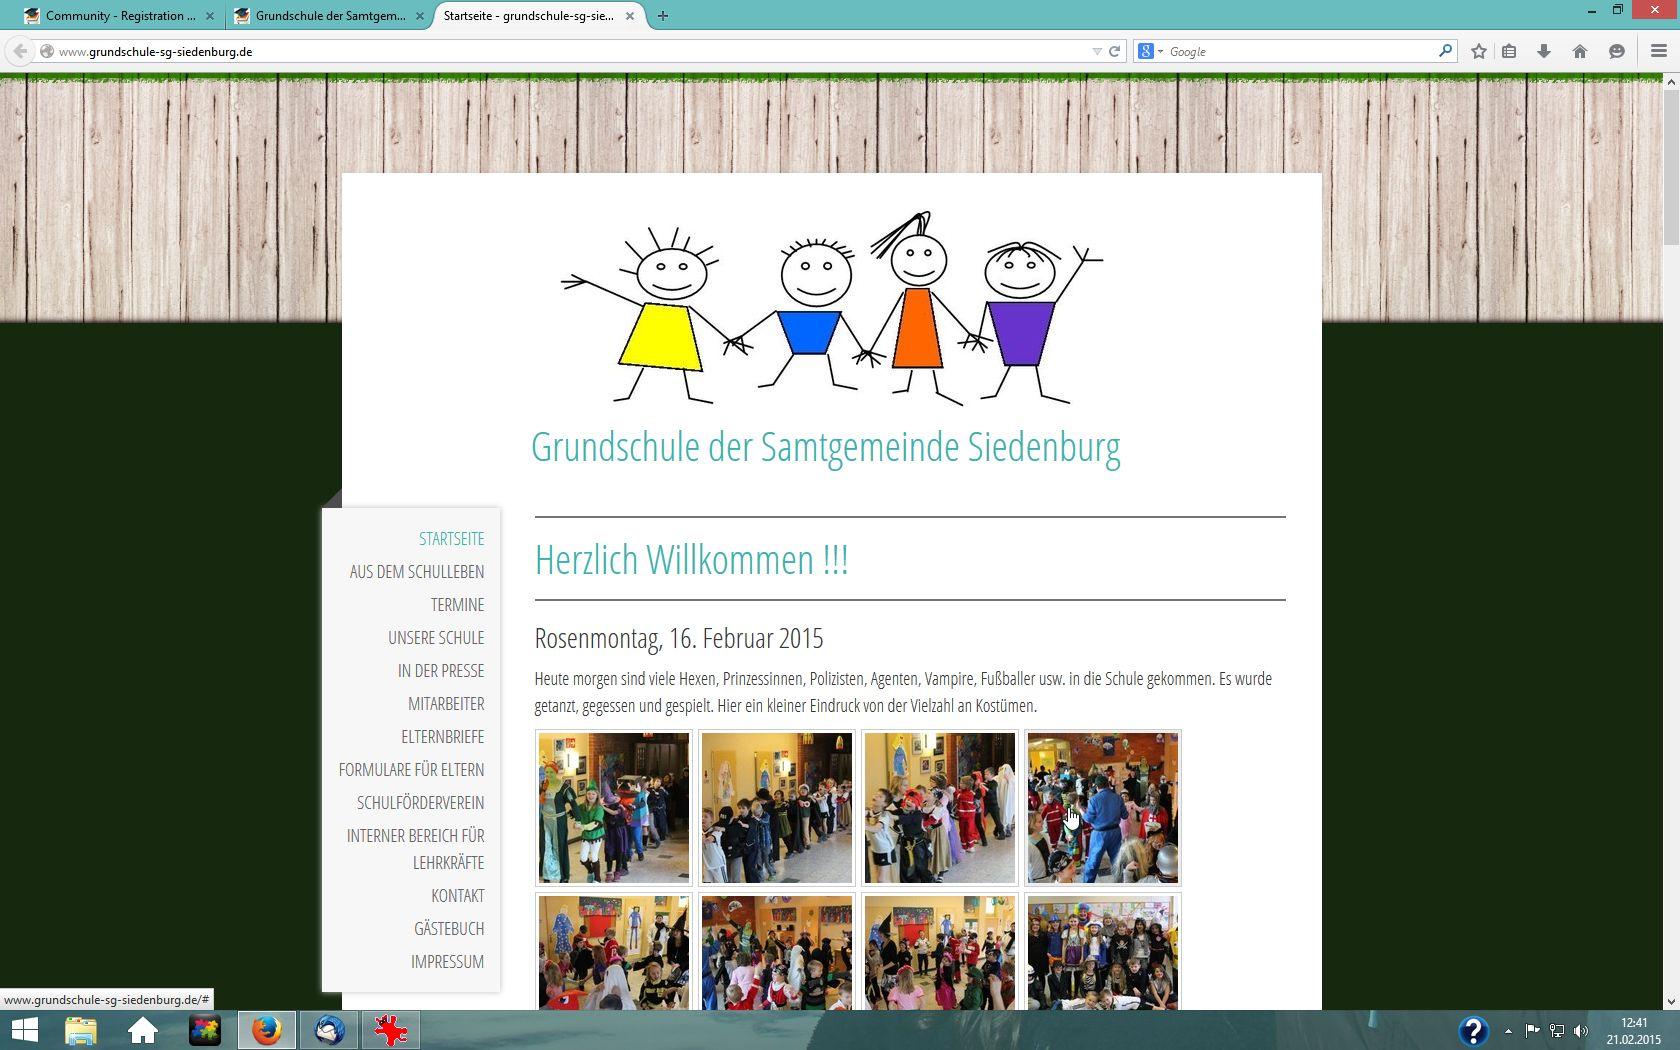 Grundschule der Samtgemeinde Siedenburg